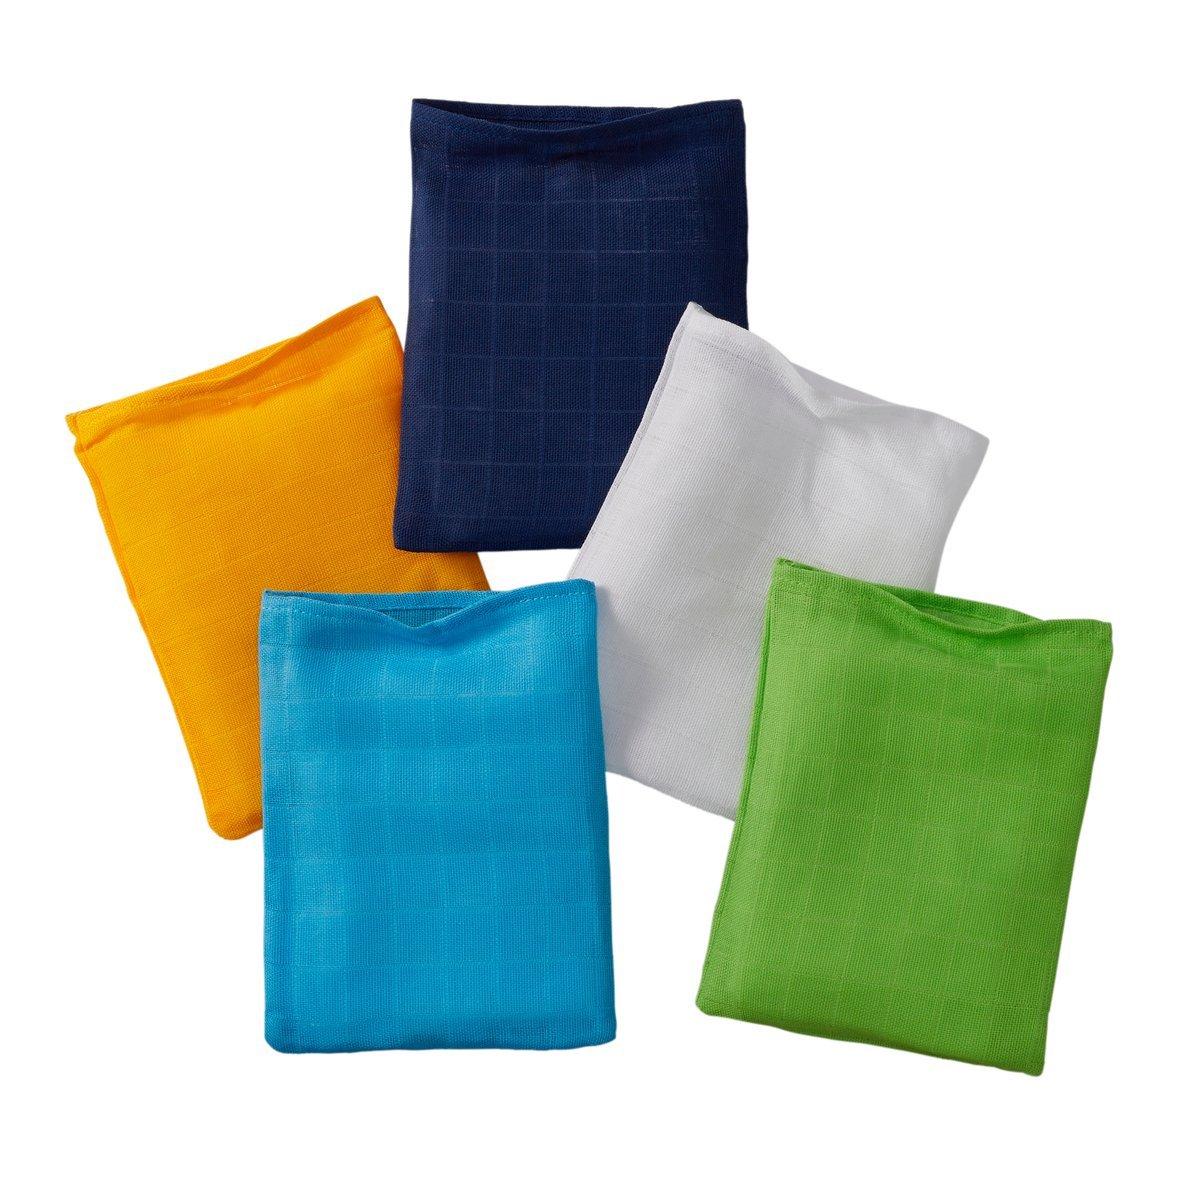 Bornino 5er-Pack Mullwaschlappen/Waschlappen / 15x20 cm / 100% Baumwolle in Webqualität/bunt